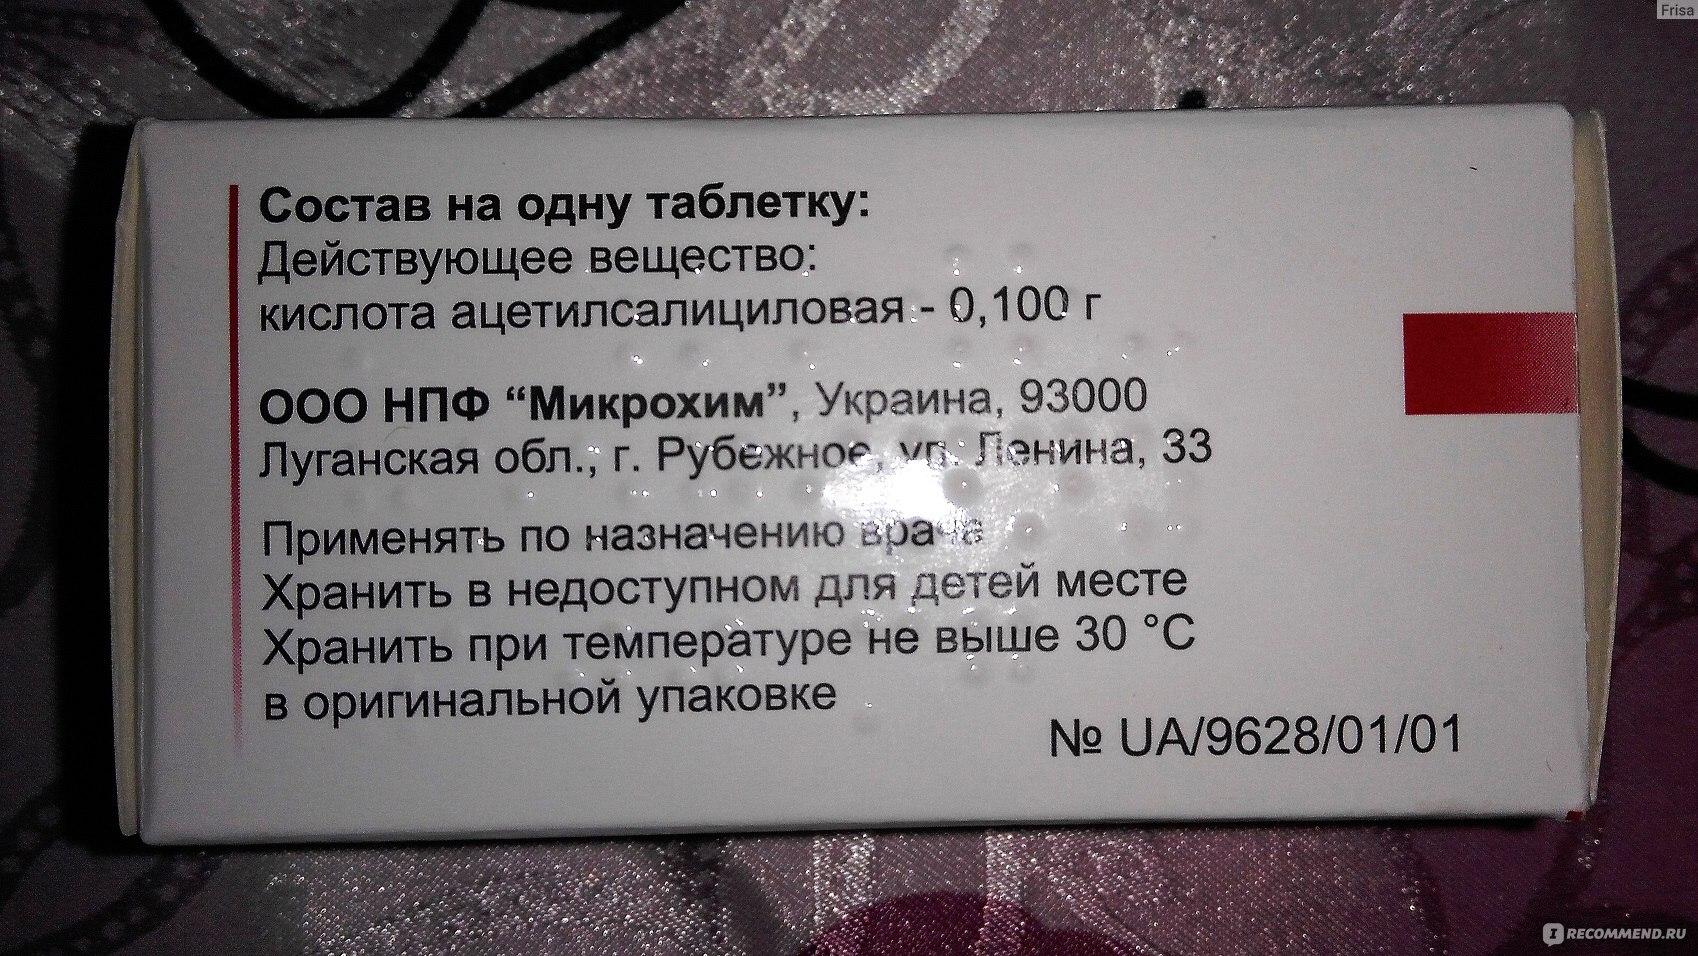 Ацекор кардио - инструкция и отзывы. цена в аптеке.